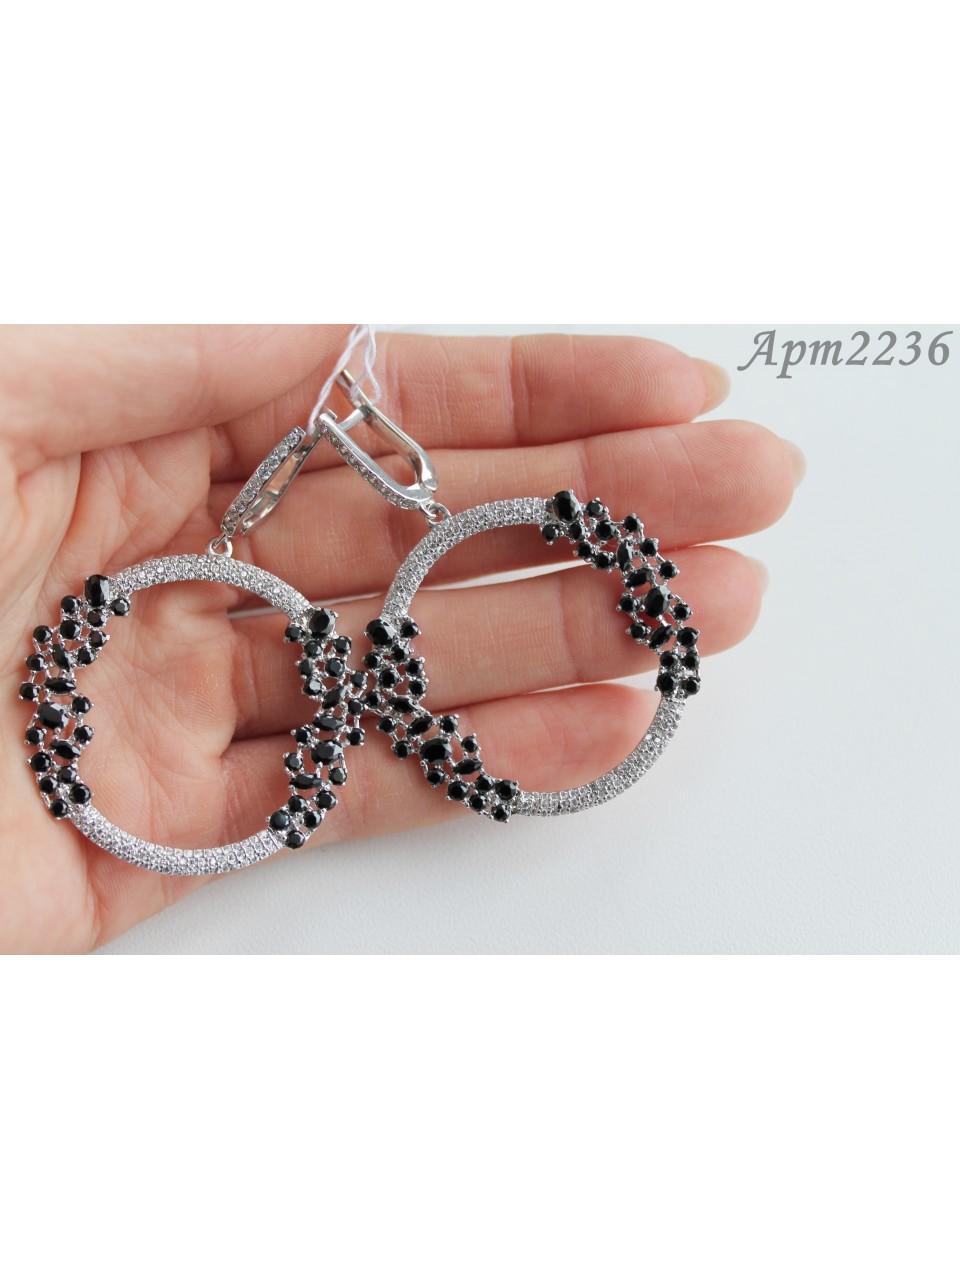 Серебряные серьги Арт.2236